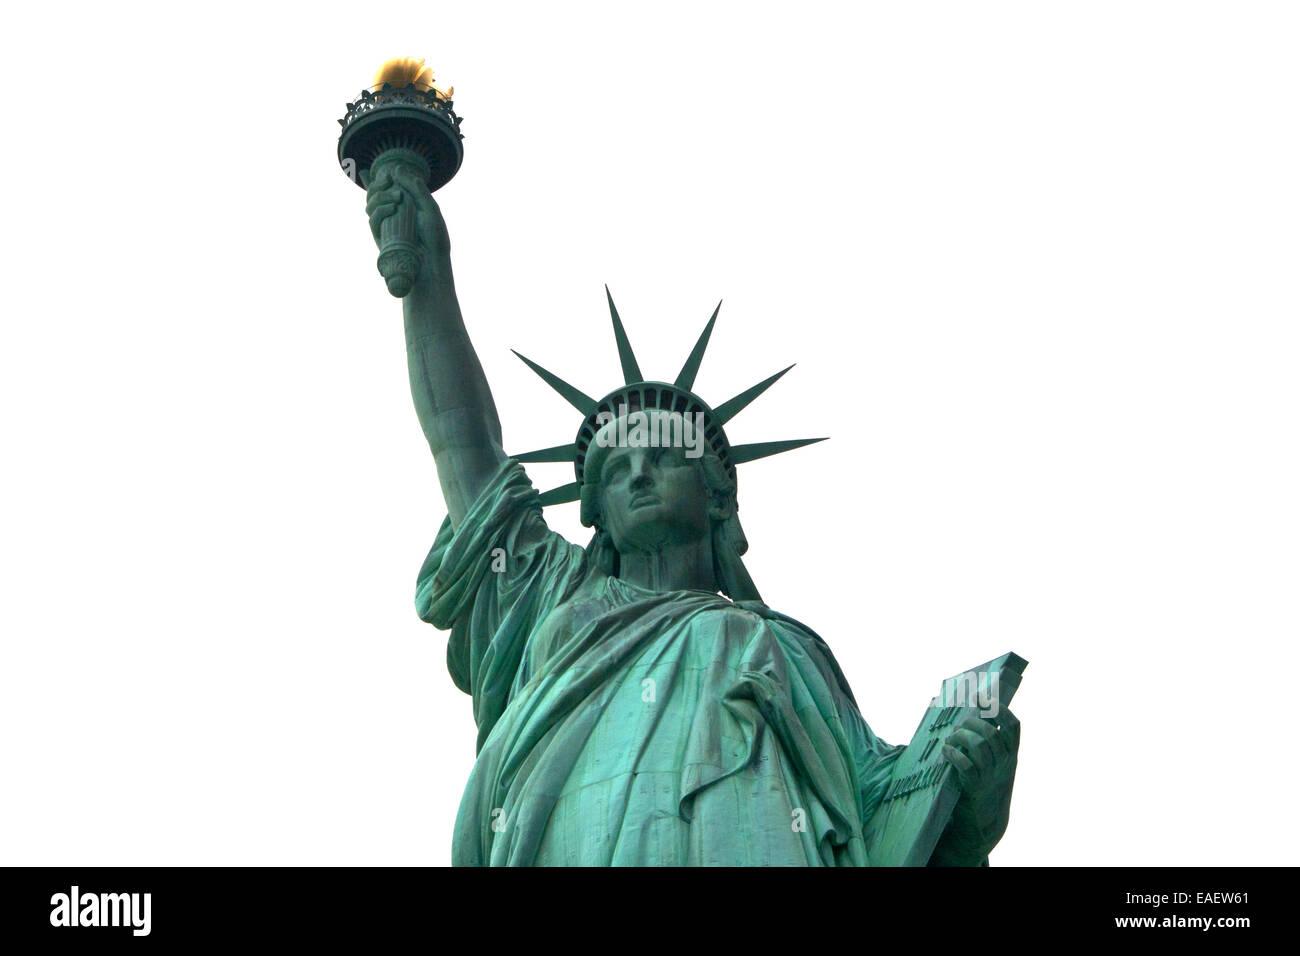 Freiheitsstatue Statue of Liberty New York Manhatten USA Architektur Wahrzeichen Beruehmt Amerika Attraktion Crown - Stock Image